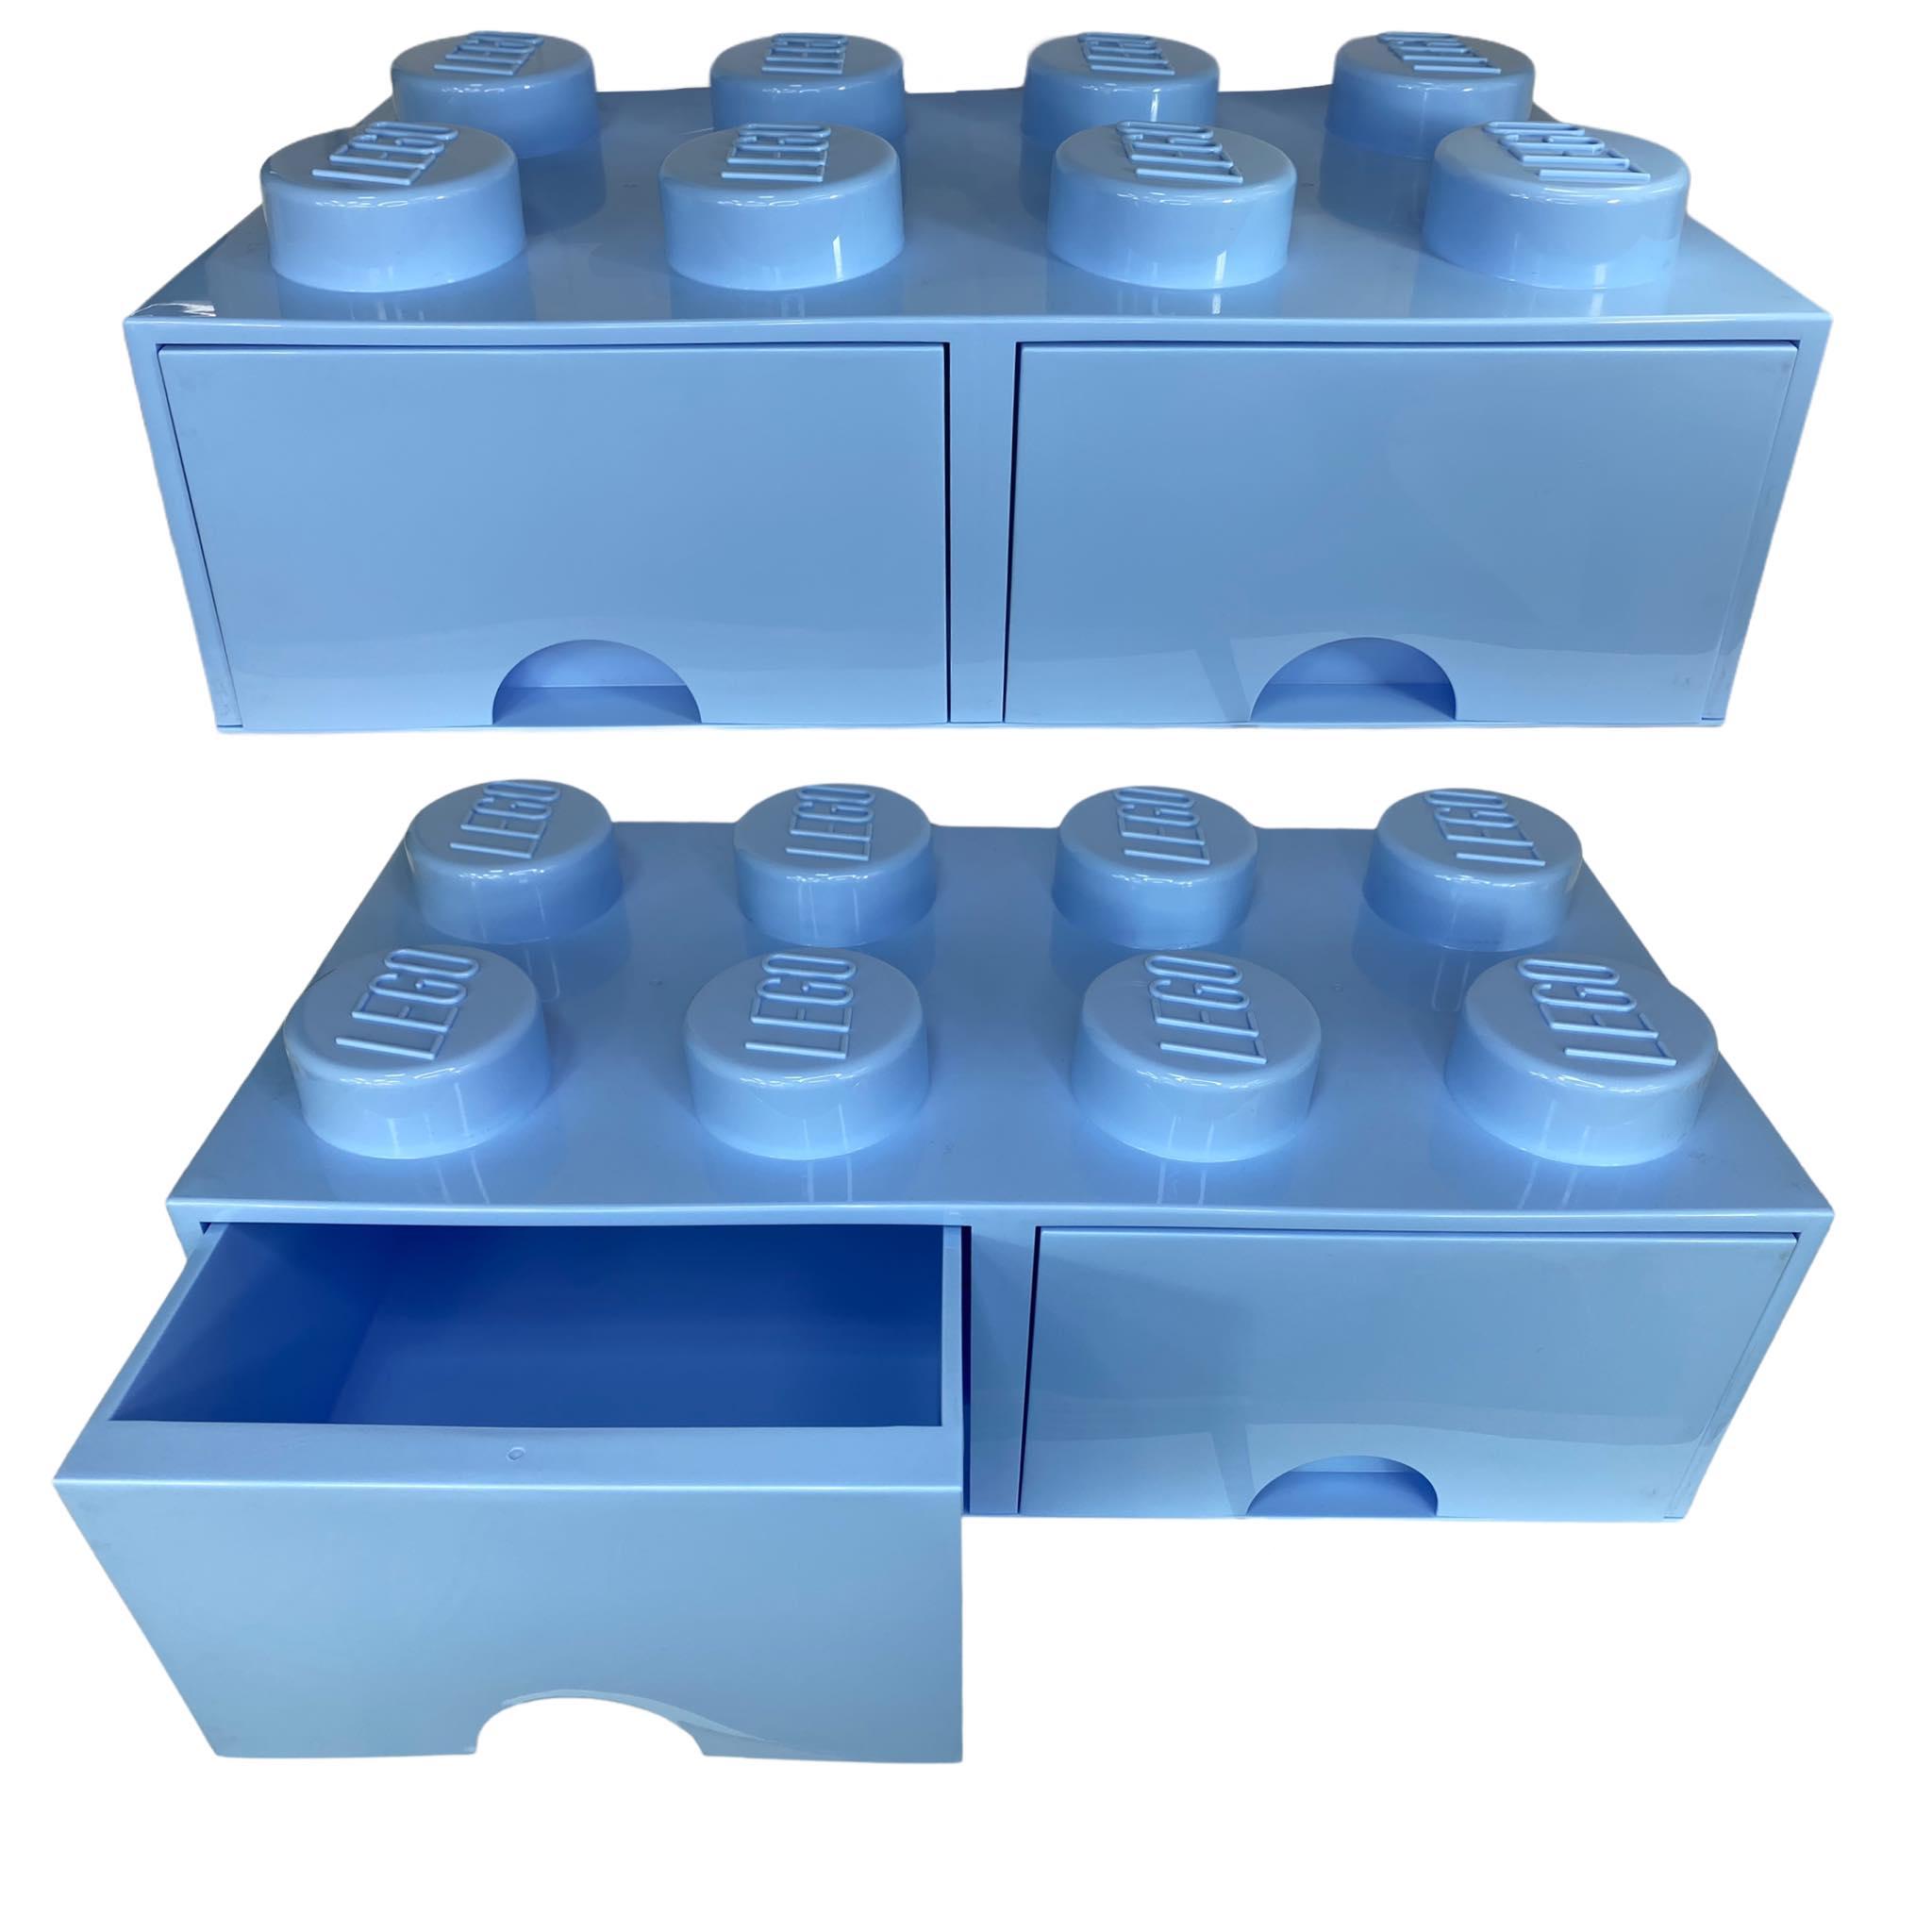 Pojemnik lego 8 szuflada jasnoniebieski błękitny na klocki